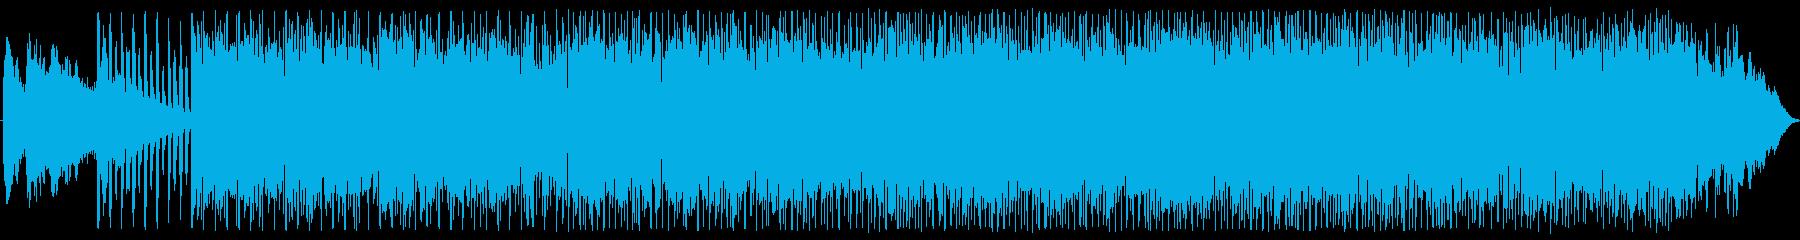 小気味よいラテン+ラウンジテイスト楽曲の再生済みの波形